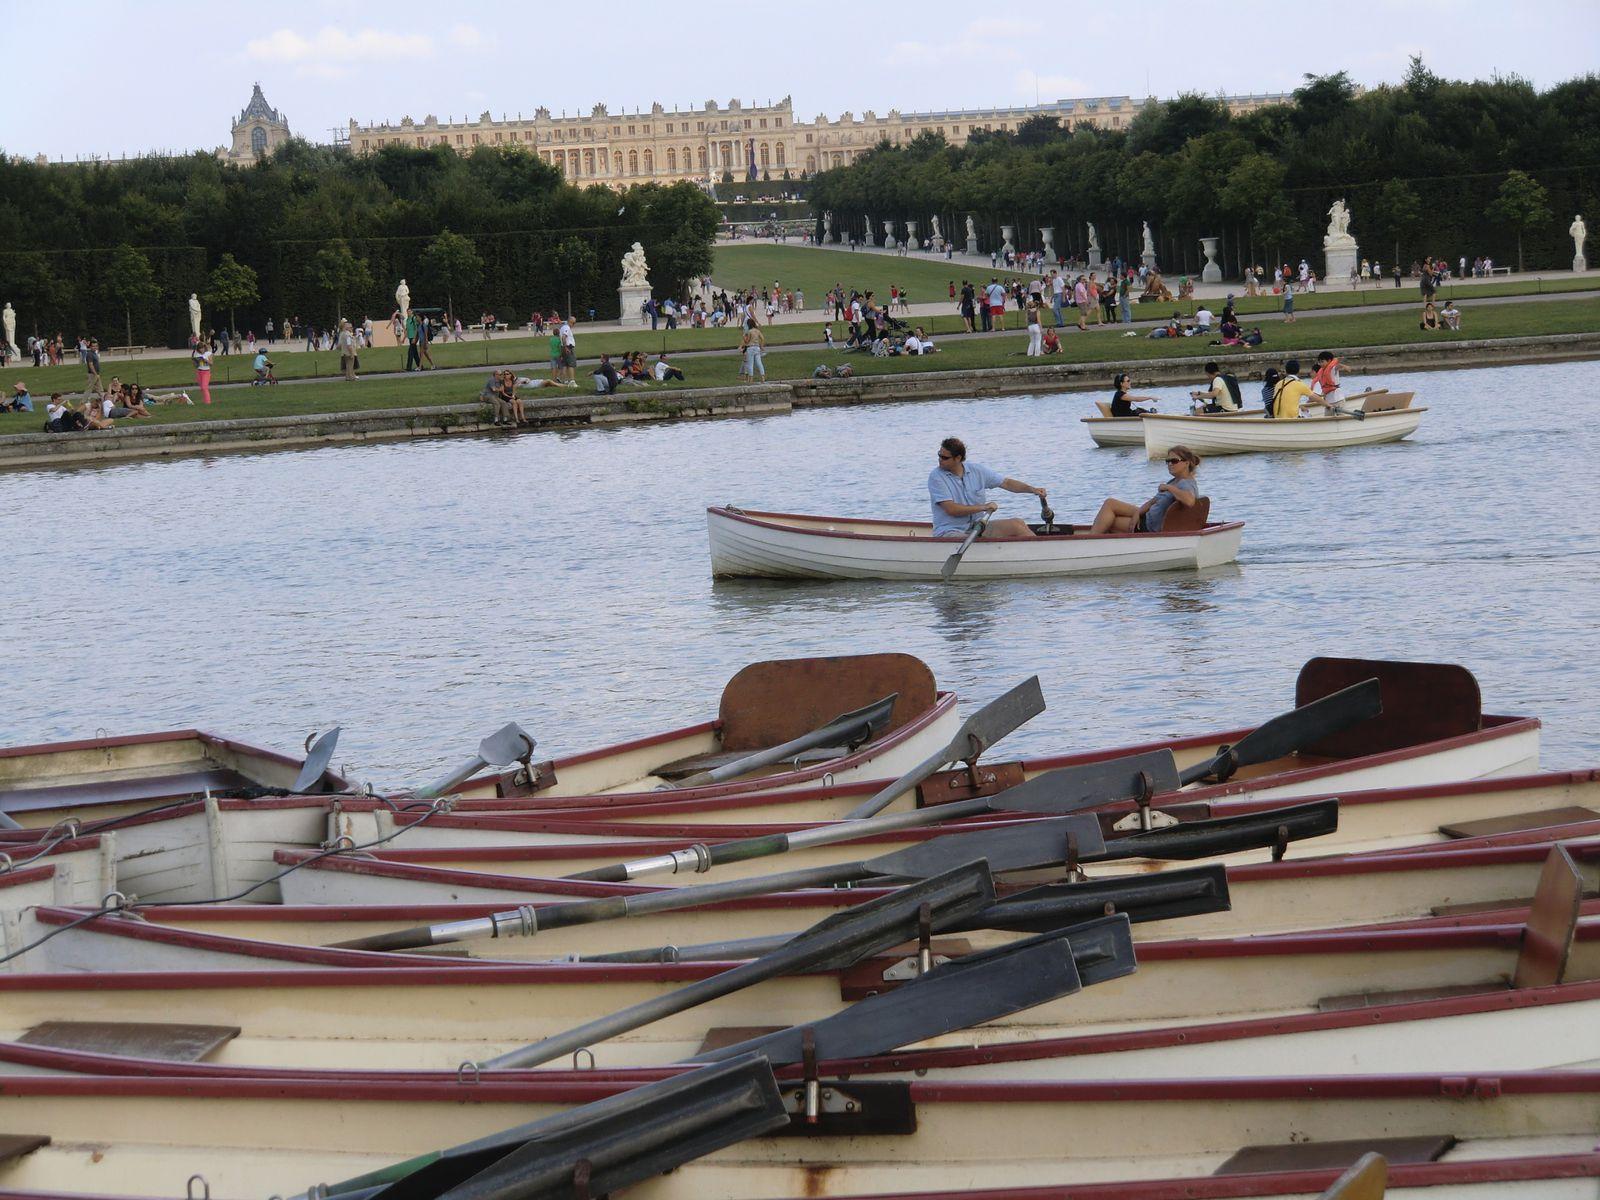 Les barques sur le Grand Canal, le Château en arrière-plan